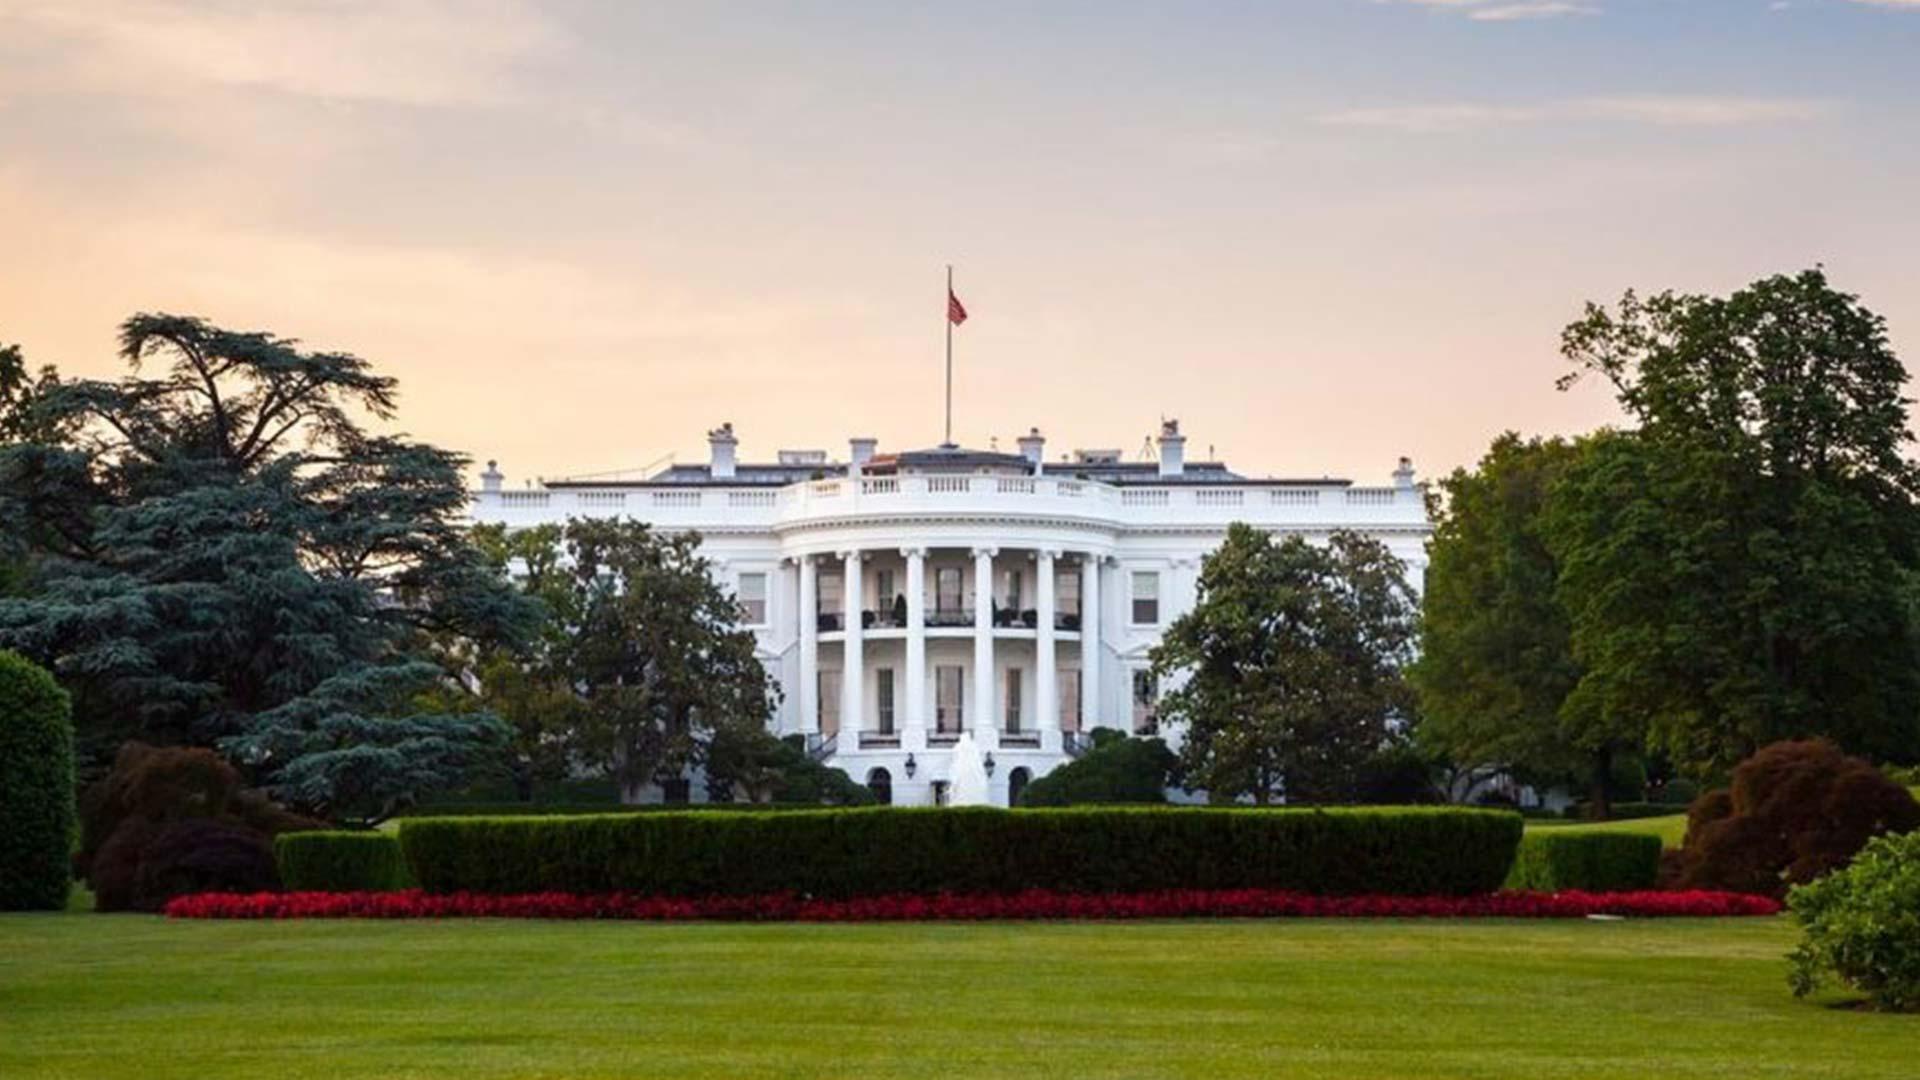 White-House-Washington-Donald-Trump-featured-image